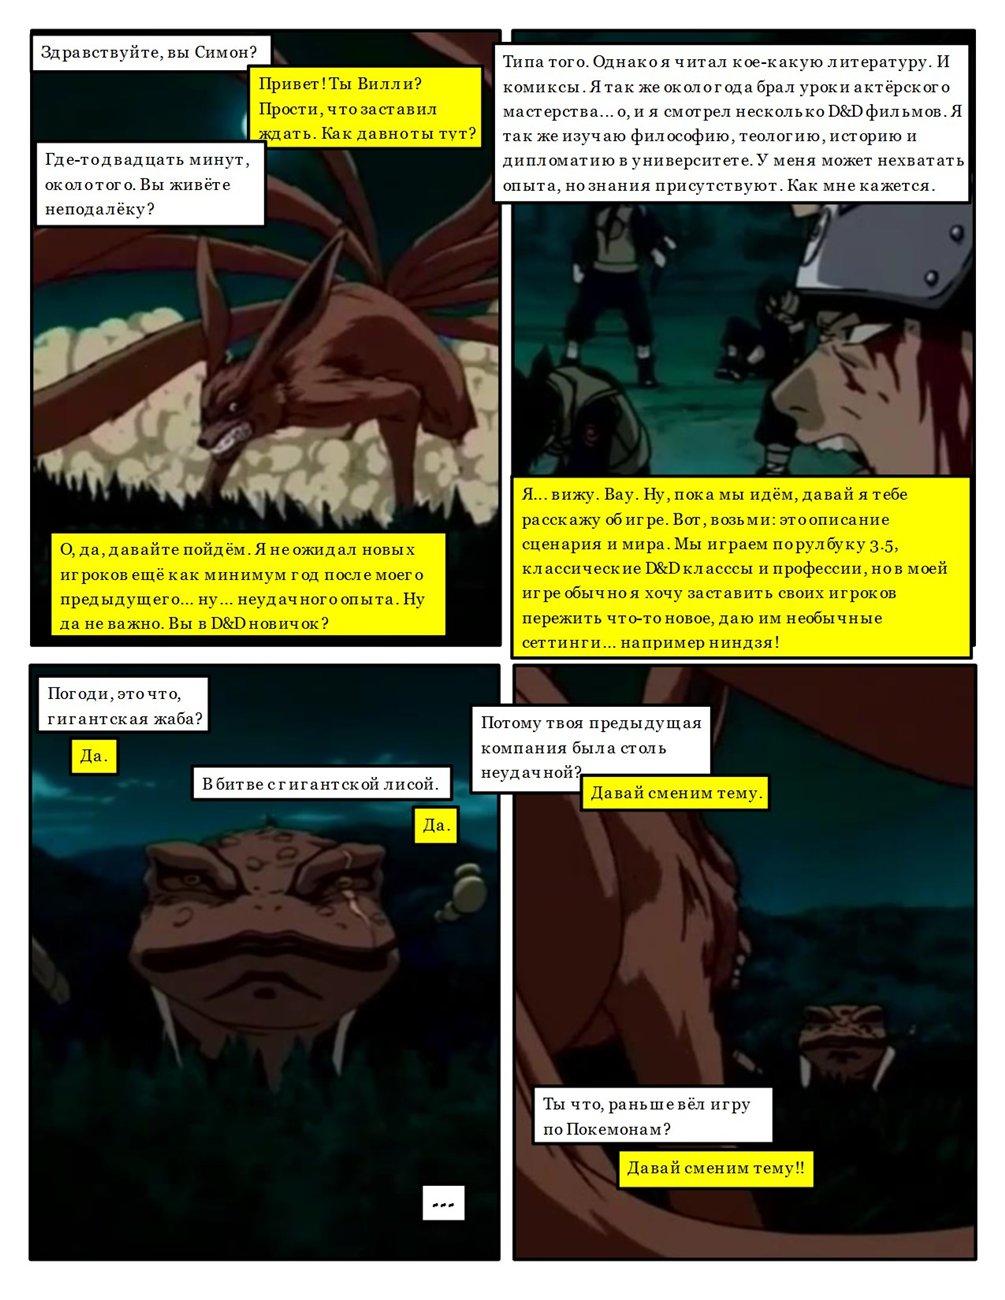 http://acomics.ru/upload/!c/Nerevarin/plot-ninja/000001-eesfp5x55y.jpg